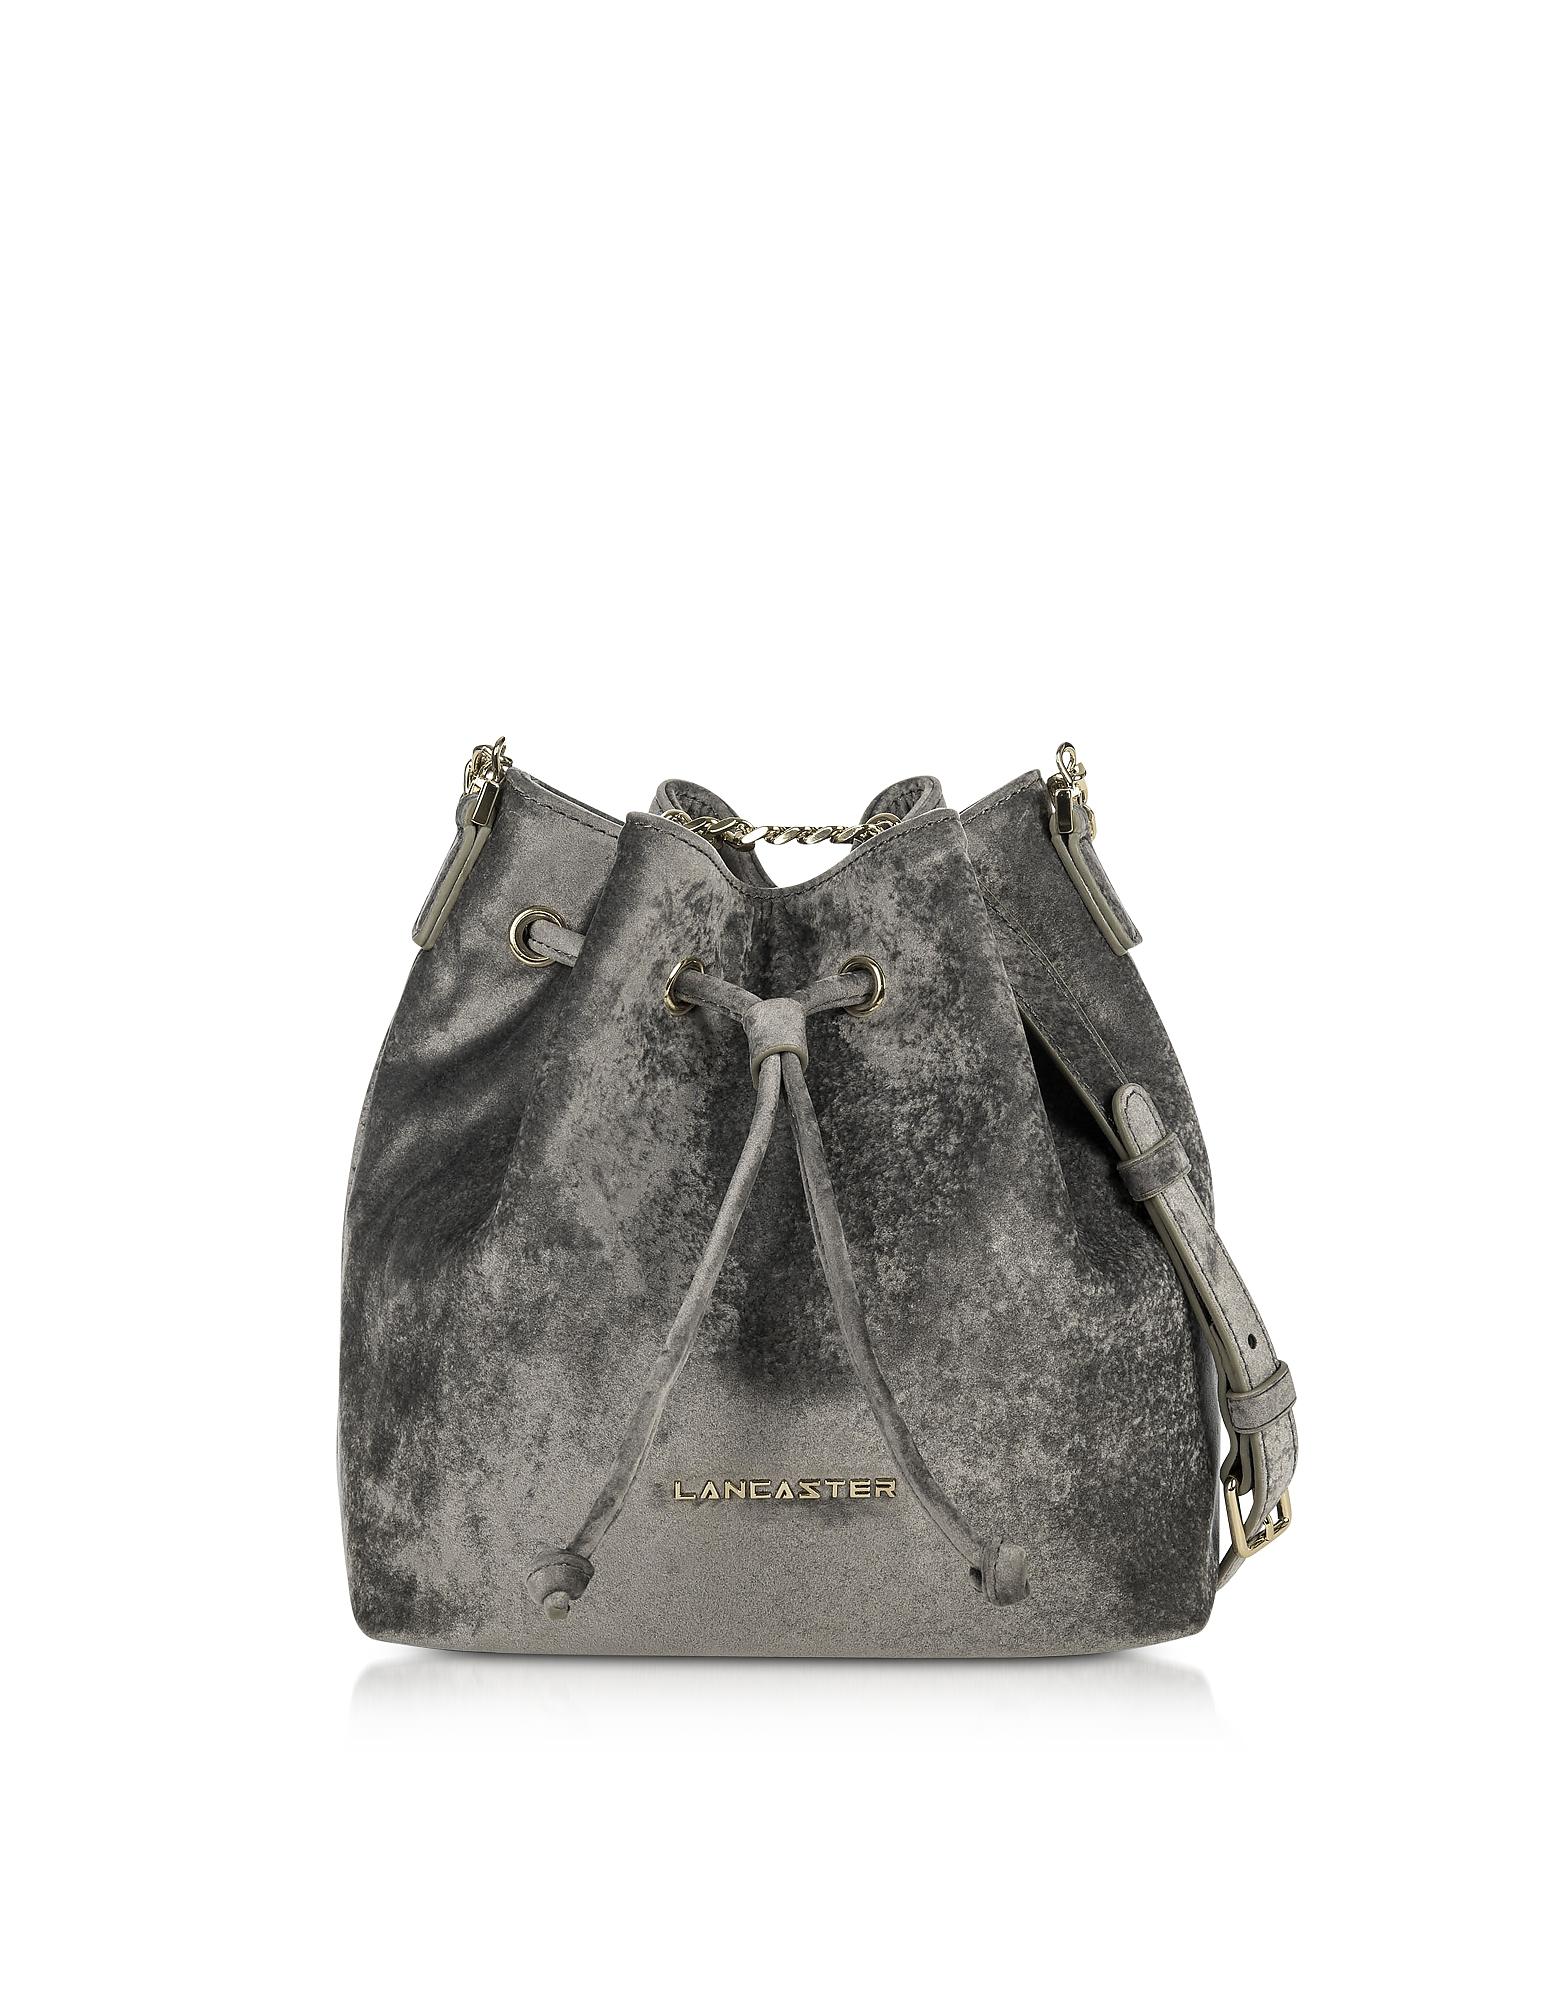 Lancaster Paris Handbags, Velvet Small Bucket Bag